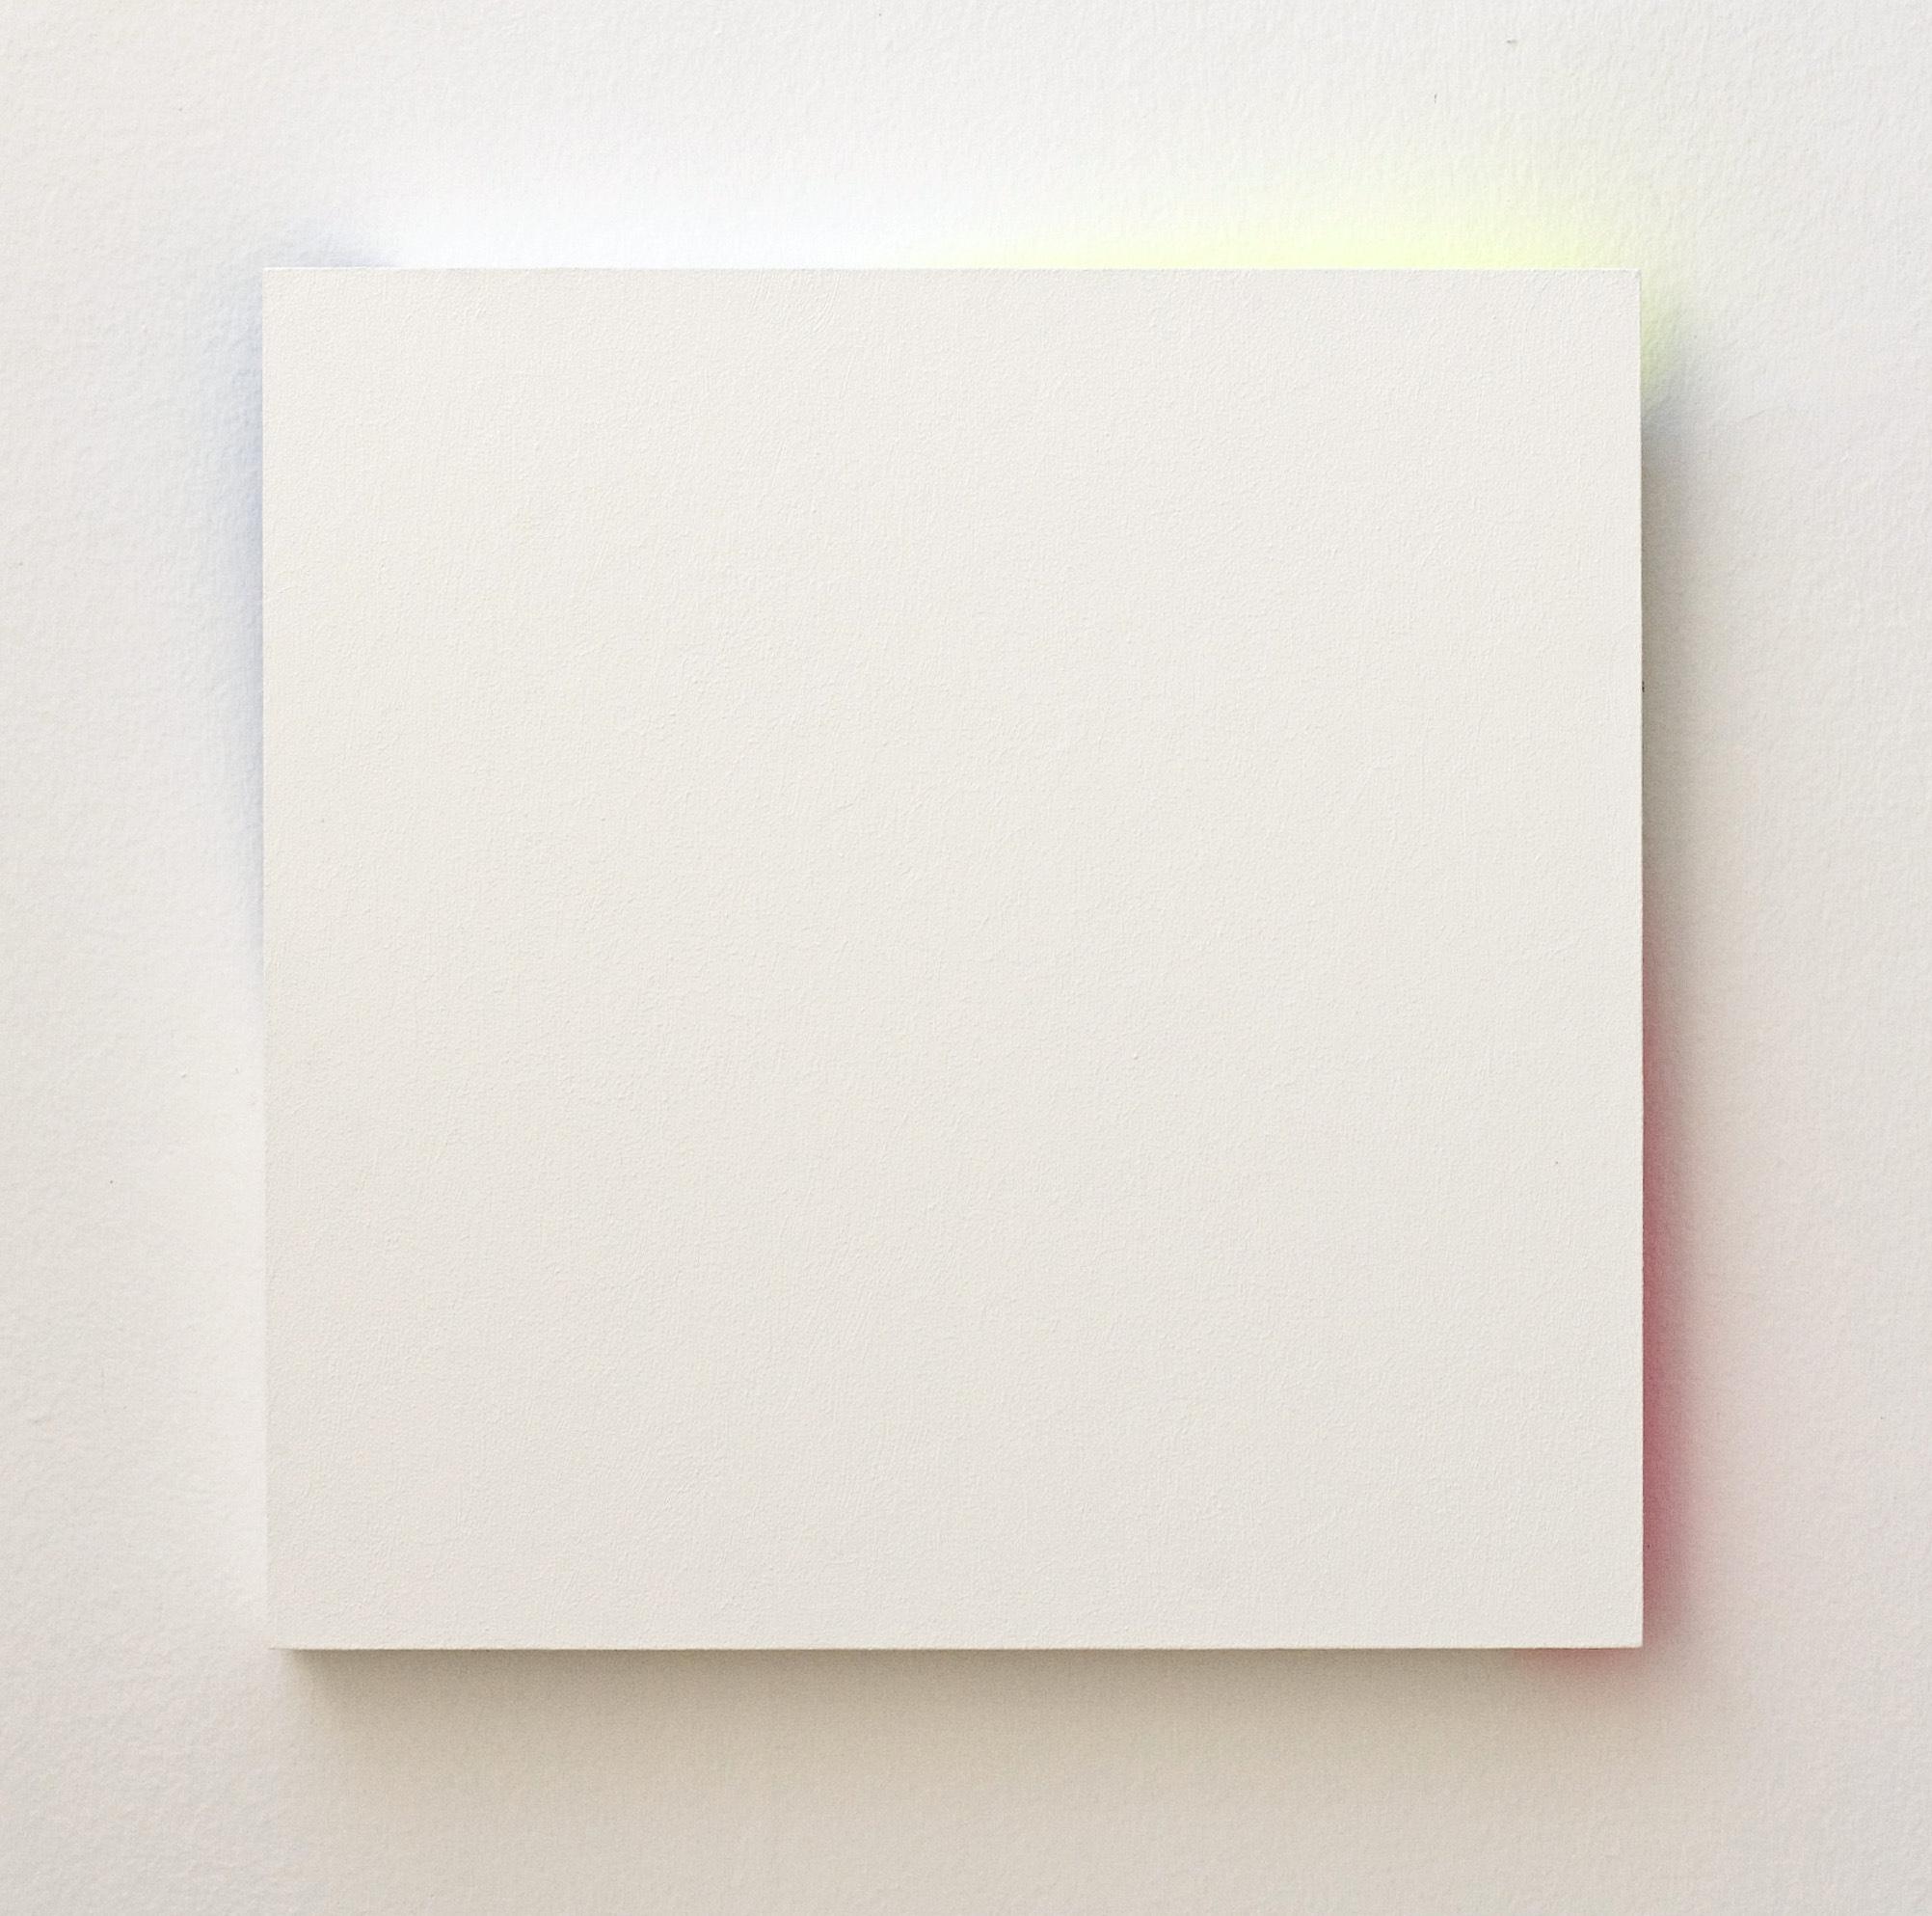 akril, les, 50 x 50 cm, 2004